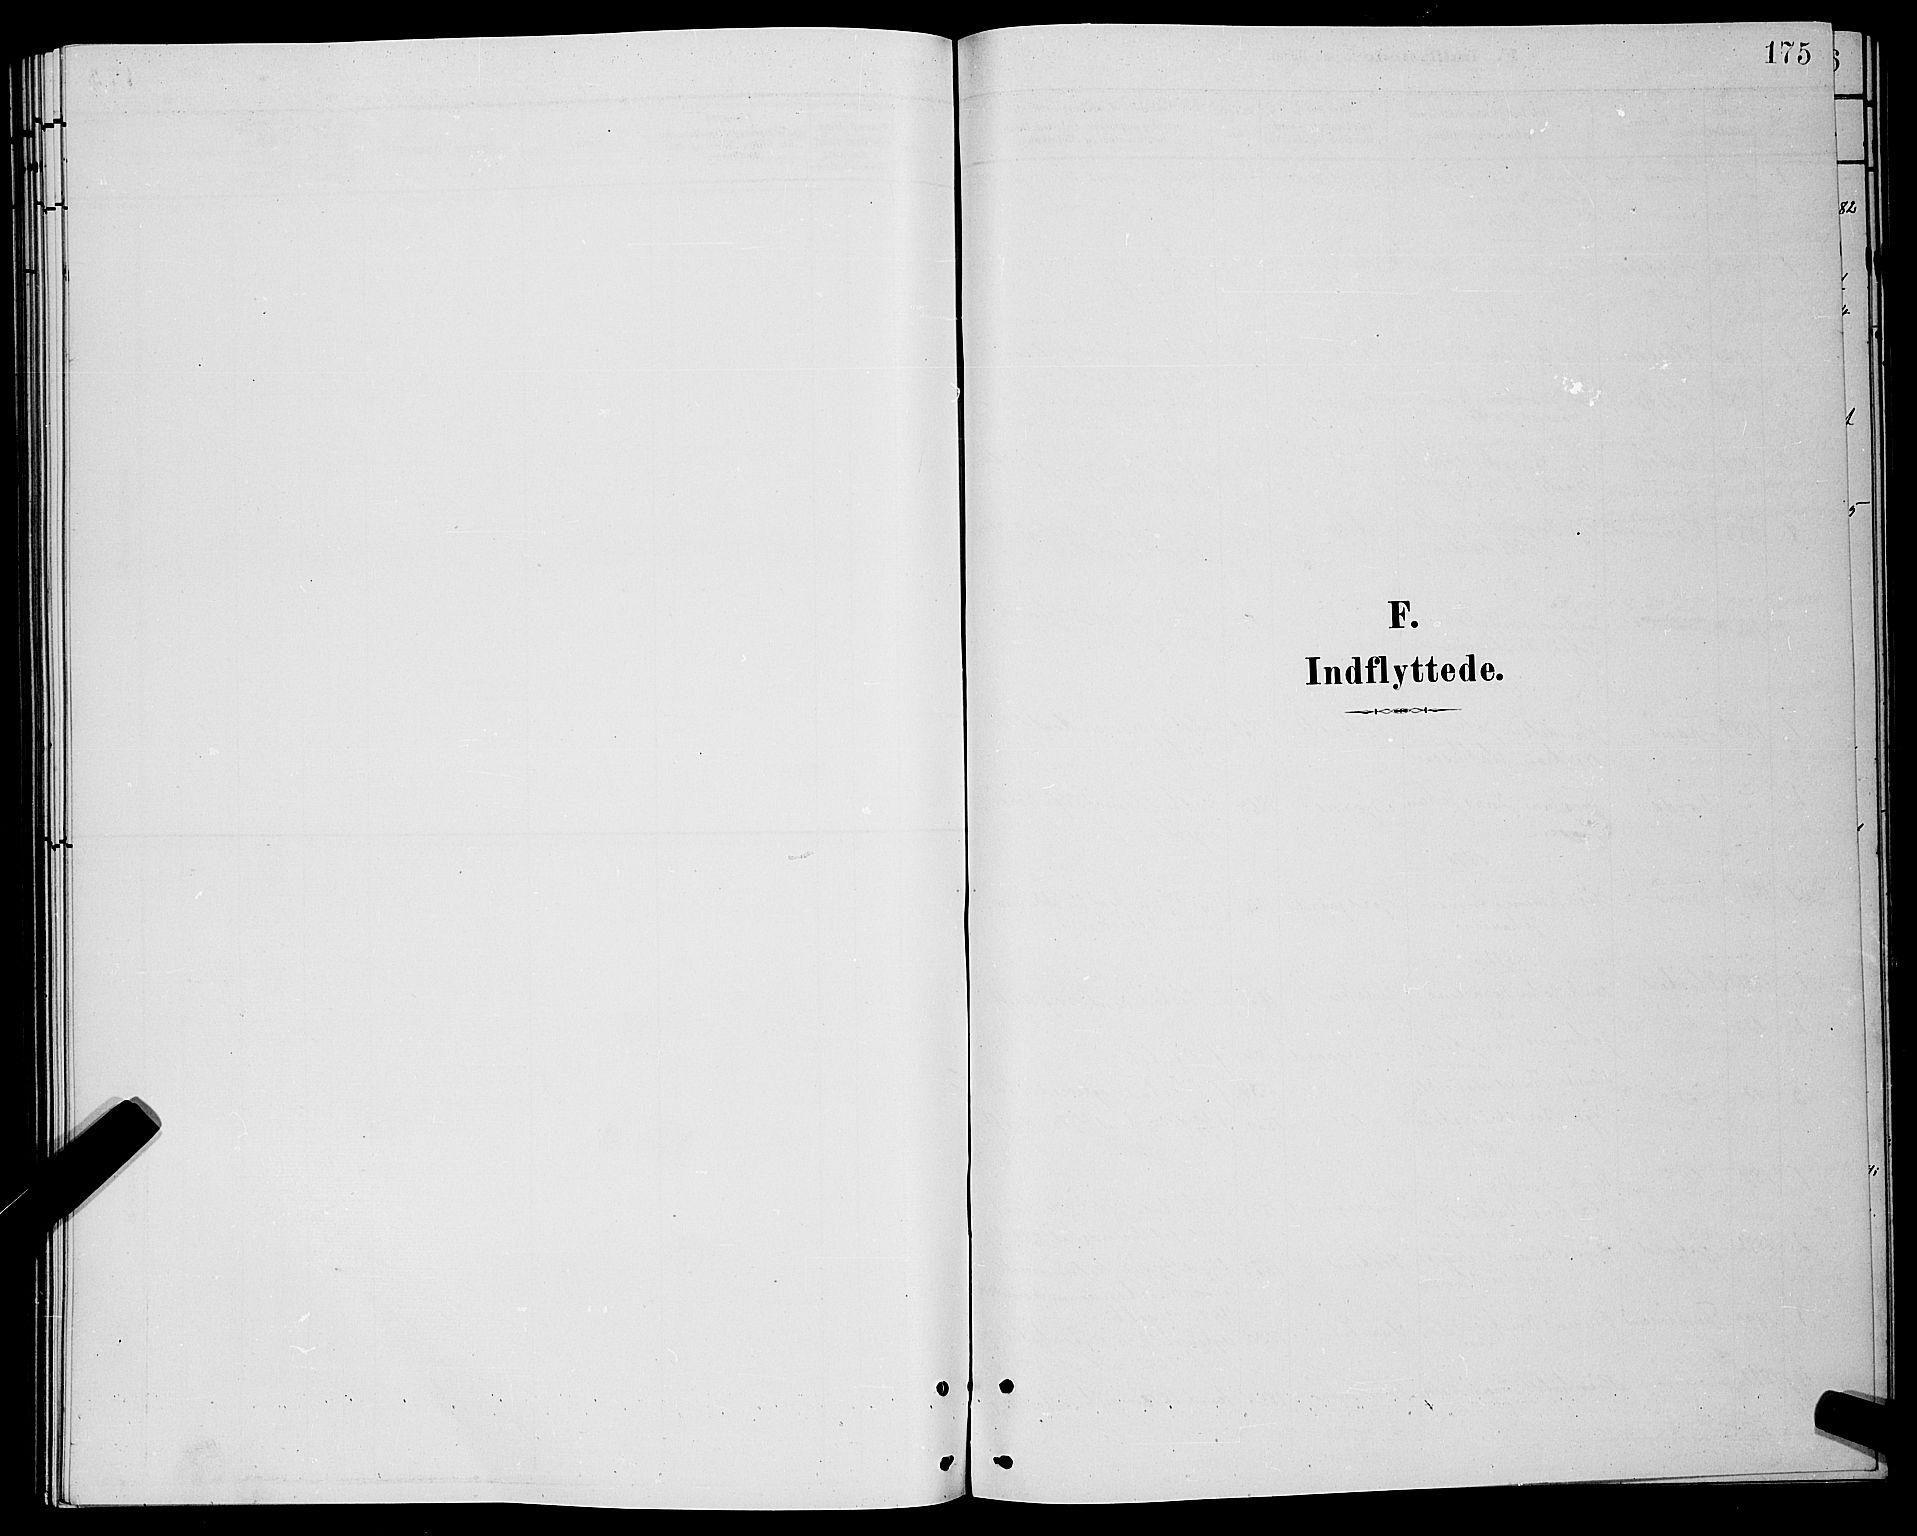 SATØ, Lenvik sokneprestembete, H/Ha: Klokkerbok nr. 21, 1884-1900, s. 175